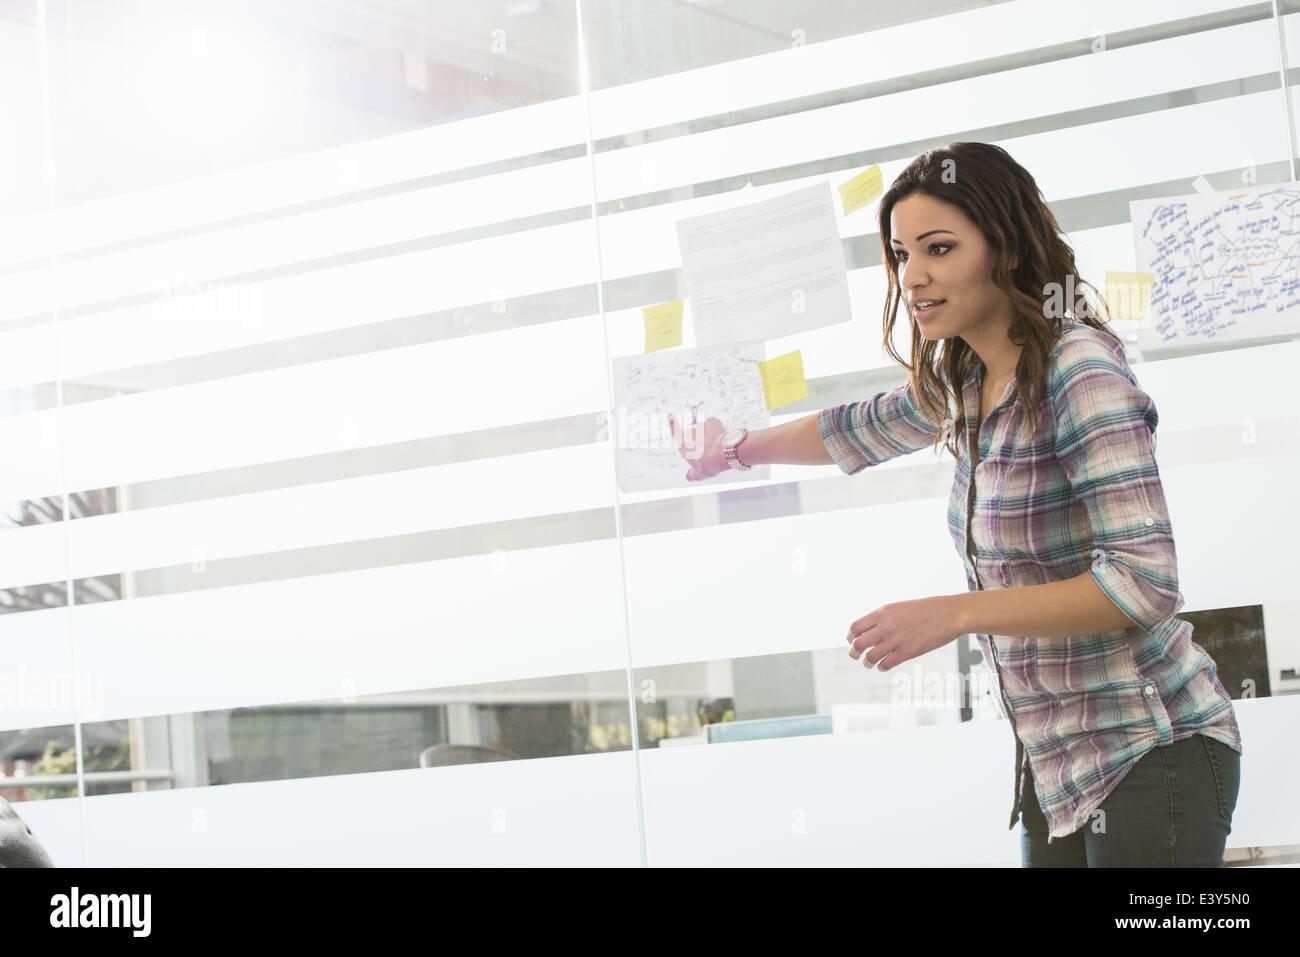 Joven Empresaria presentando ideas sobre la ventana de la oficina Imagen De Stock